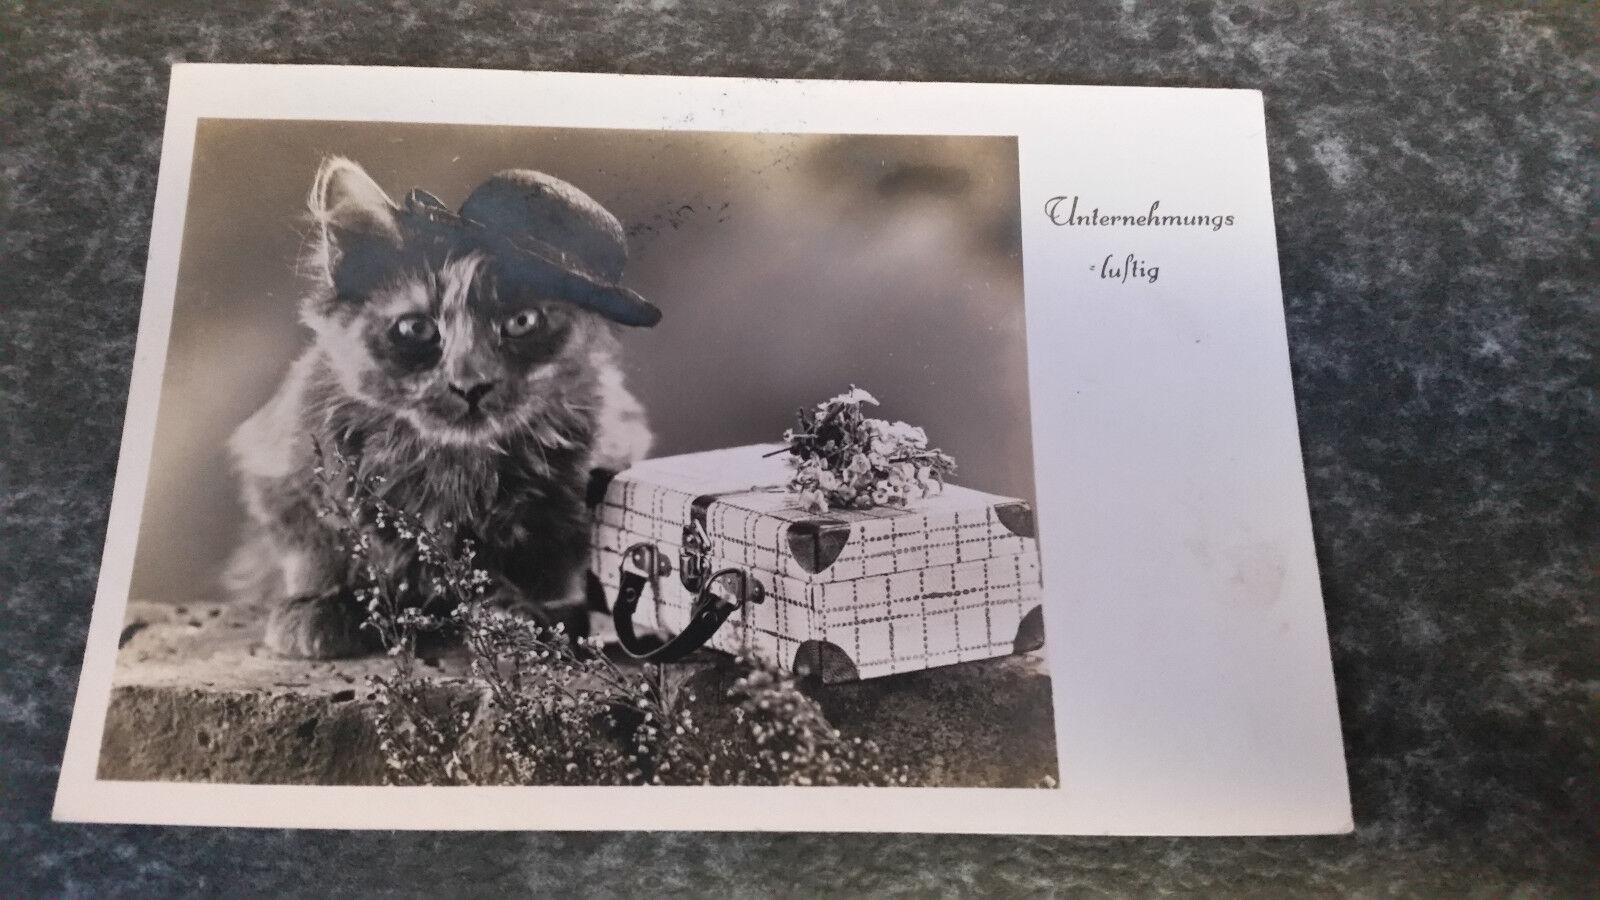 AK  Katze  Hut Koffer Blumen mauerwerk Unternehmungs Lutig Postkarte 11577